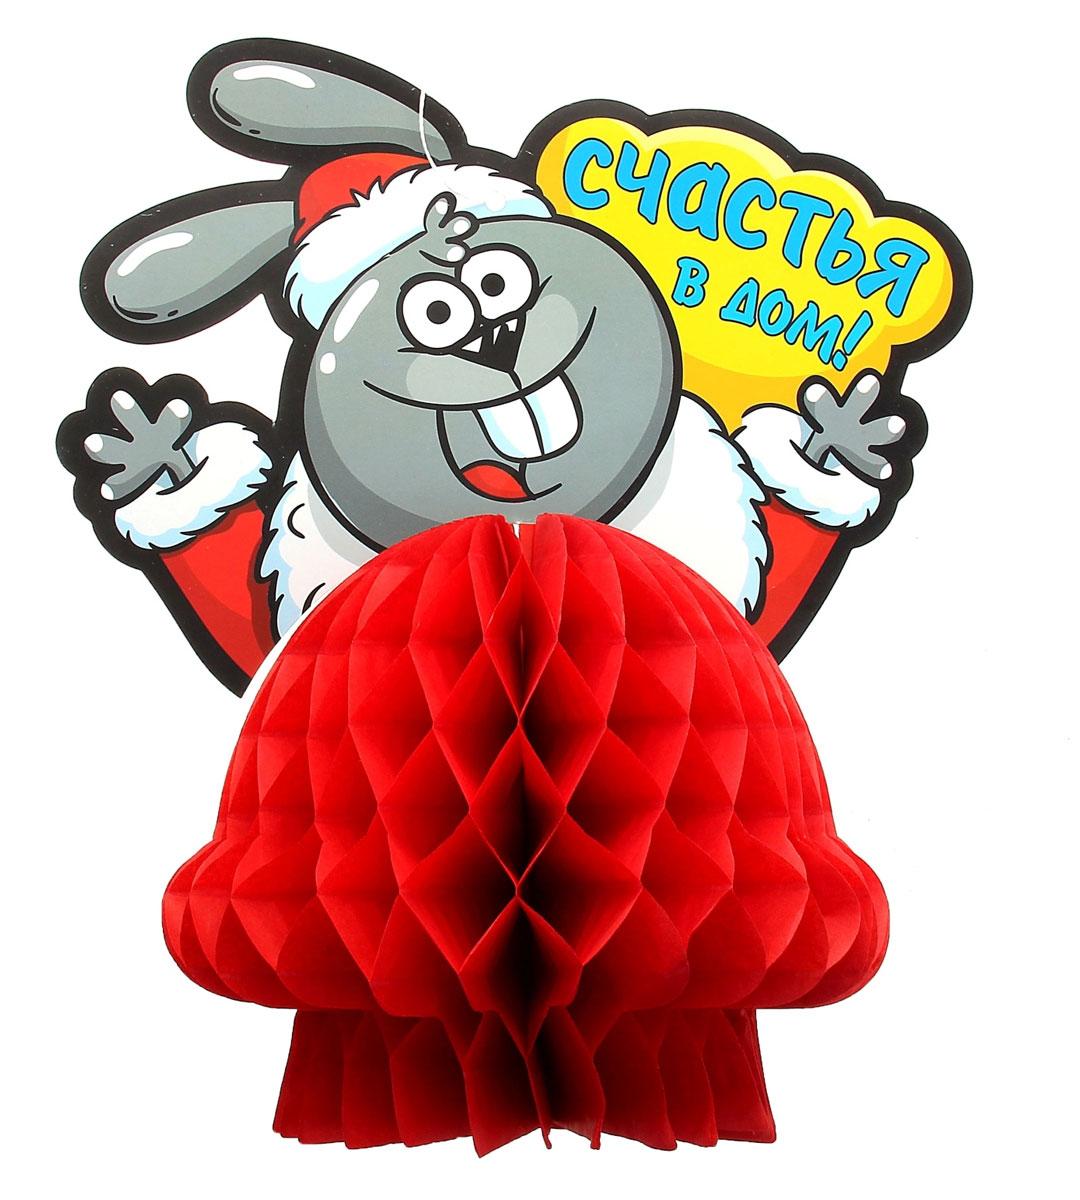 Новогоднее подвесное украшение Sima-land Счастья в дом!, с гофрированной фигуркой, 23,5 х 30,5 х 18 см806020Новогоднее украшение Sima-land Счастья в дом! отлично подойдет для декорации вашего дома. Изделие выполнено из плотной бумаги и оснащено объемной фигуркой из гофрированной бумаги. С помощью специальной петельки украшение можно повесить в любом понравившемся вам месте. Новогодние украшения несут в себе волшебство и красоту праздника. Они помогут вам украсить дом к предстоящим праздникам и оживить интерьер по вашему вкусу. Создайте в доме атмосферу тепла, веселья и радости, украшая его всей семьей.